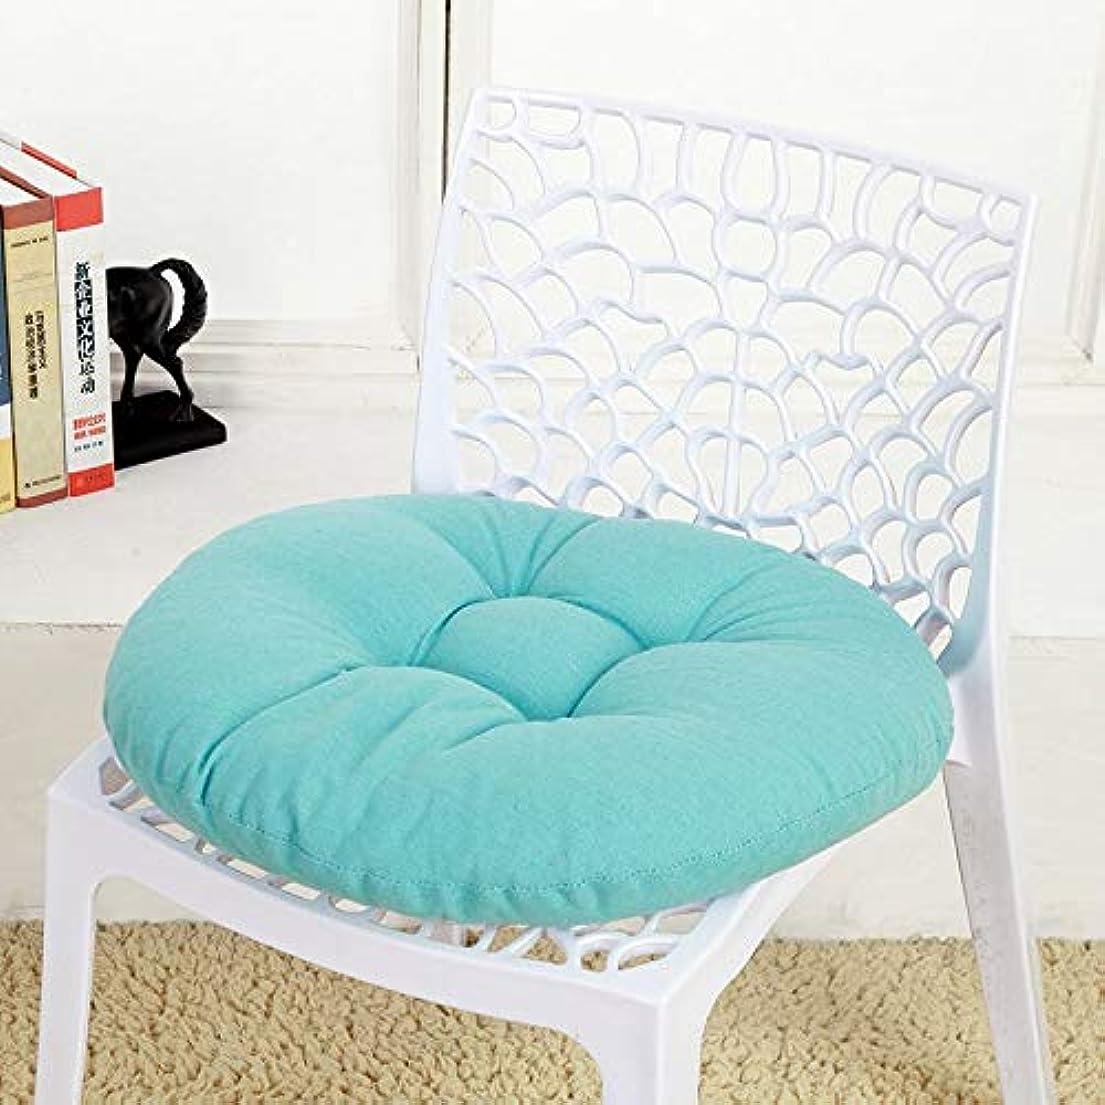 偽善課税患者LIFE キャンディカラーのクッションラウンドシートクッション波ウィンドウシートクッションクッション家の装飾パッドラウンド枕シート枕椅子座る枕 クッション 椅子